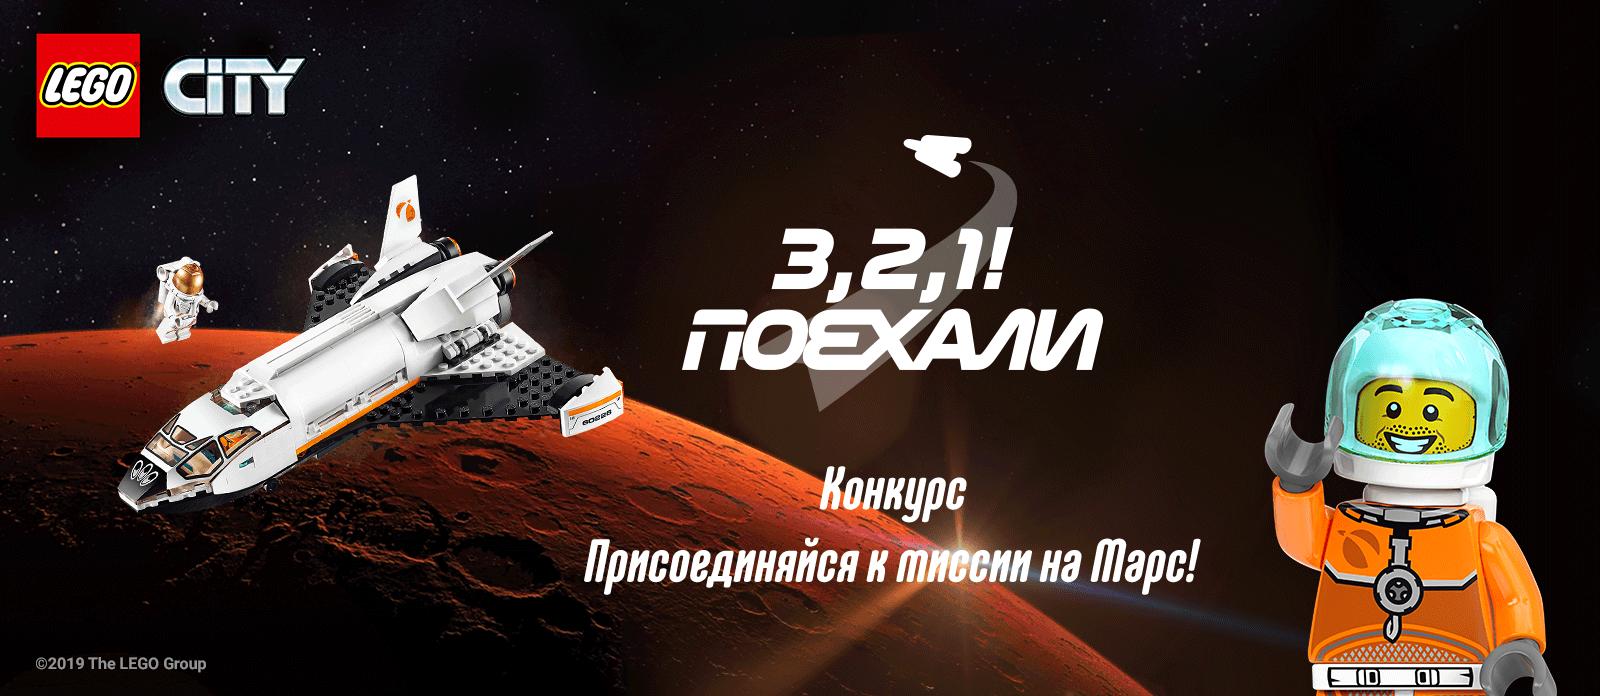 Присоединяйся к миссии на Марс!